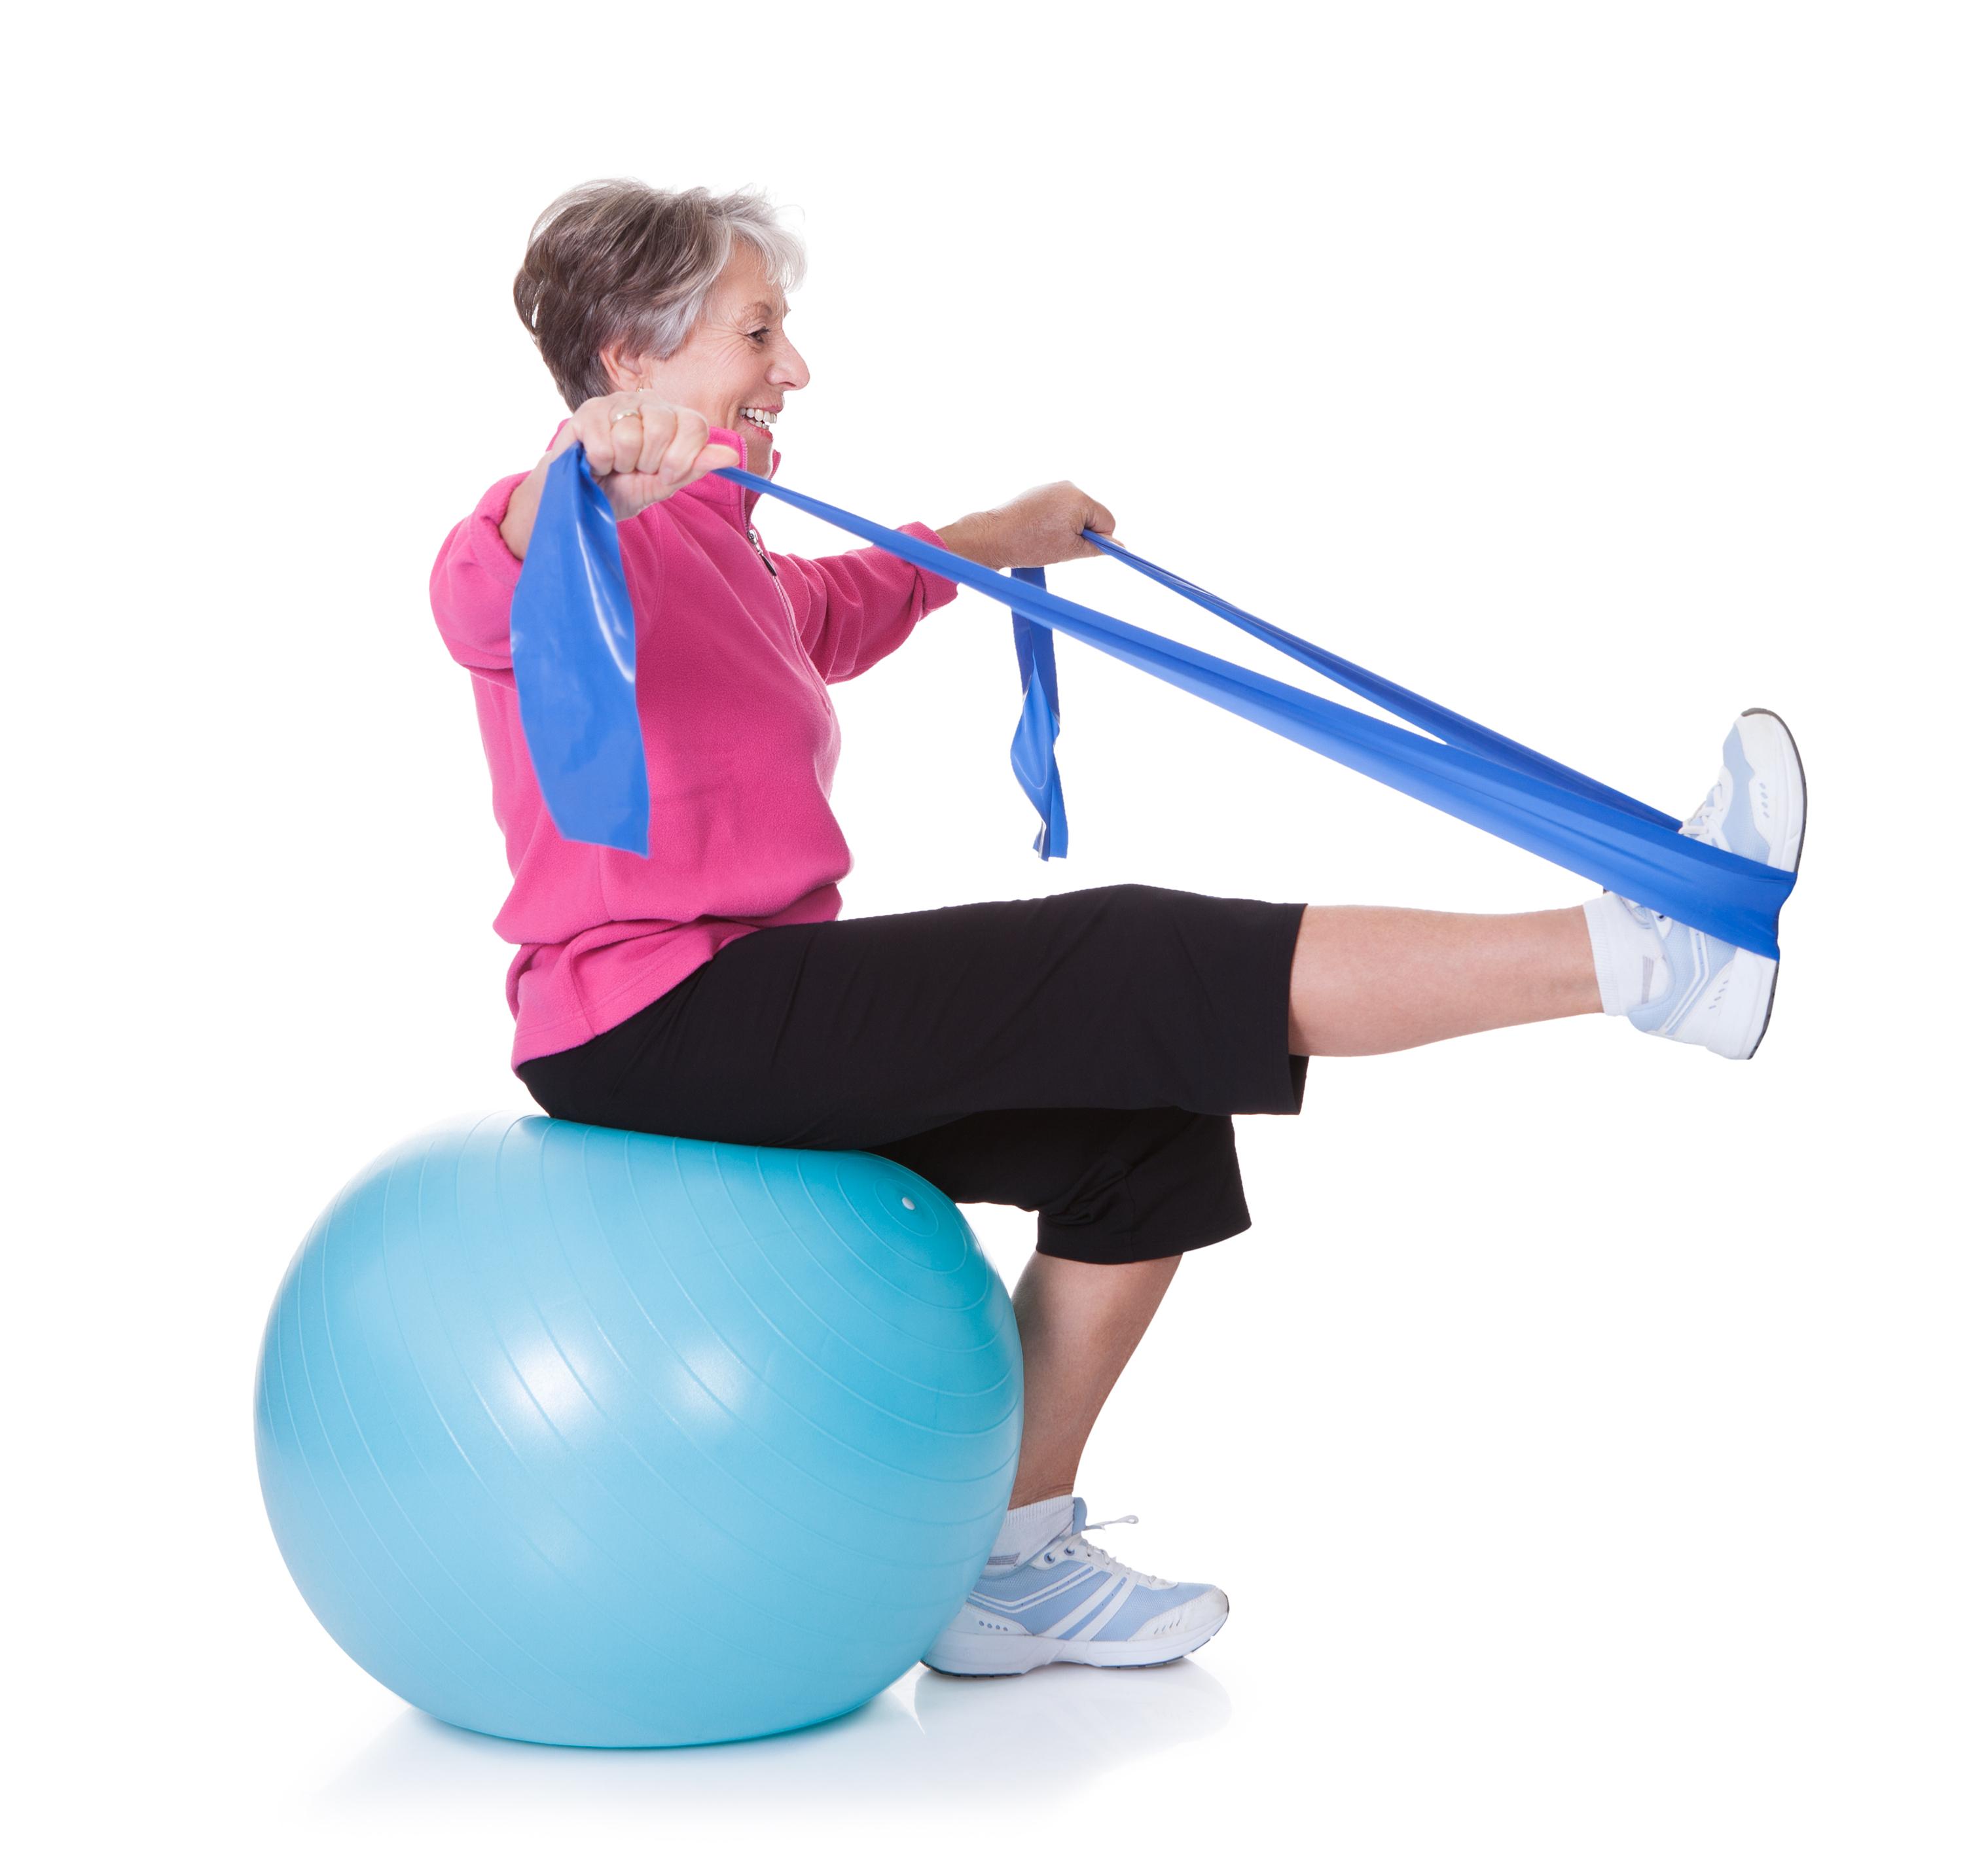 Idosos por natureza vão perdendo a força nos músculos e elasticidade do corpo, por isso é recomendável um programa de 16 semanas de Pilates.